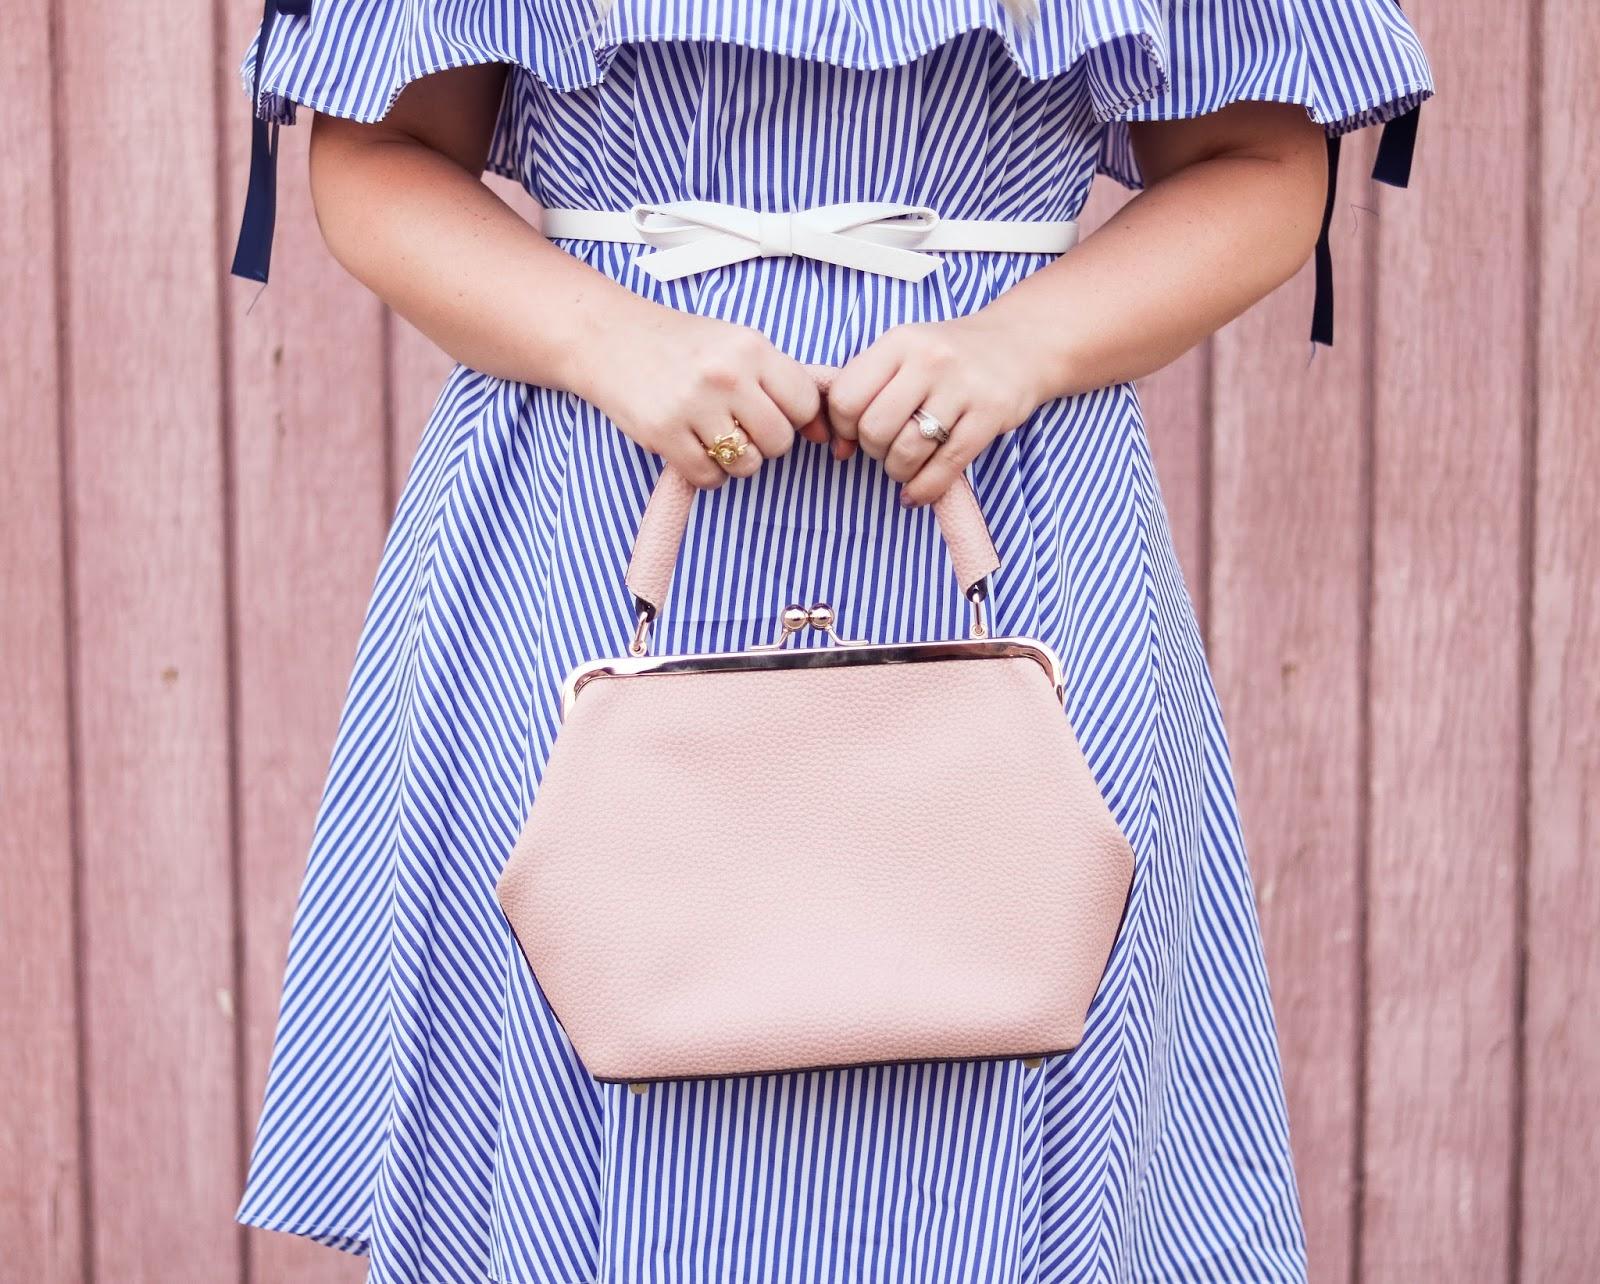 pink jemma handbag